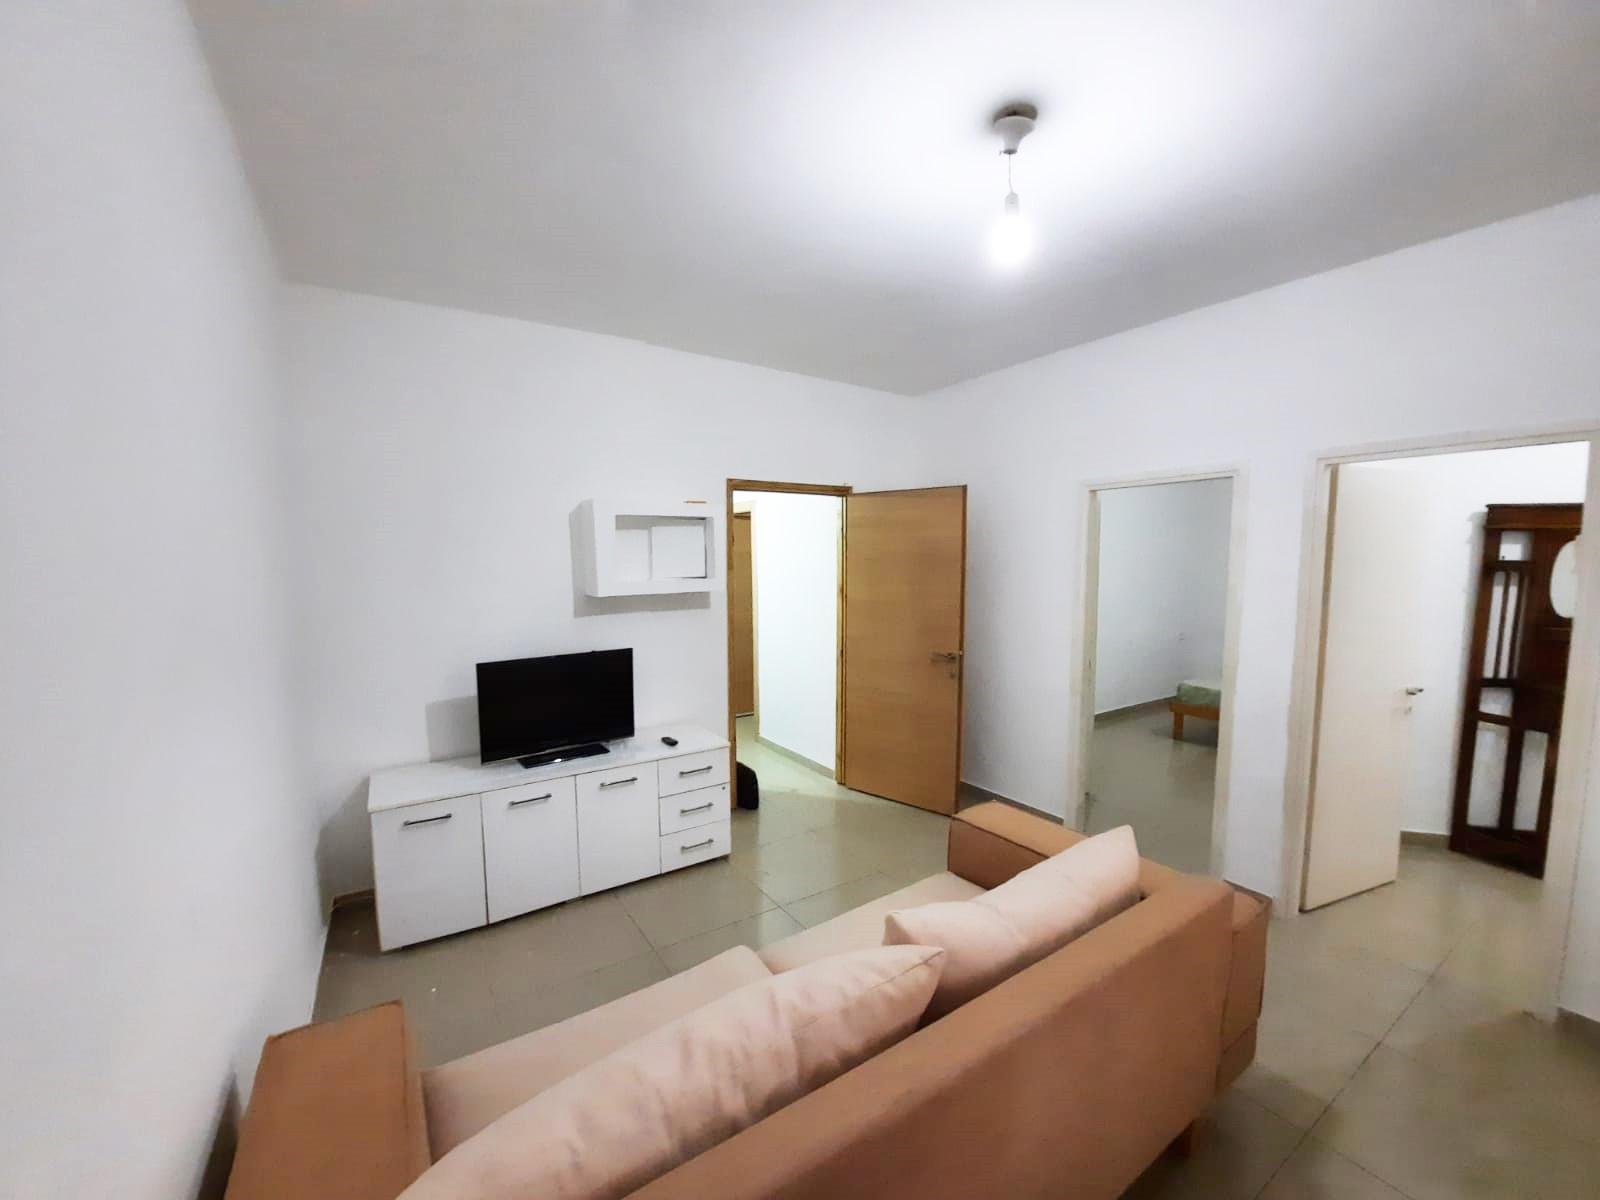 דירה להשכרה 2.5 חדרים 4,000₪ בחודש, בת ים